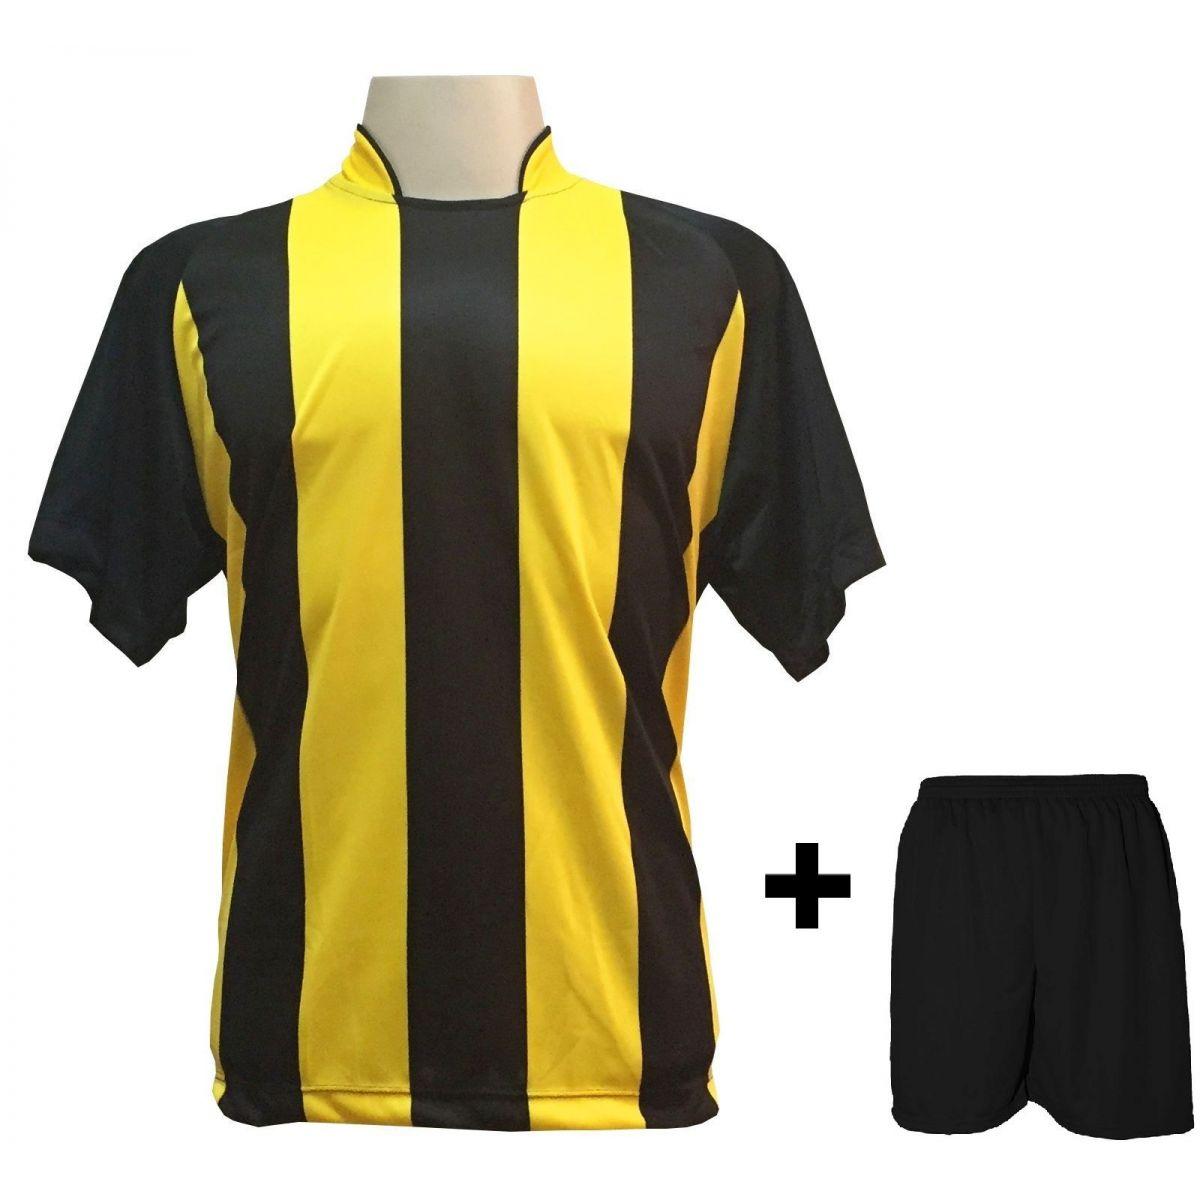 Uniforme Esportivo com 12 Camisas modelo Milan Preto/Amarelo + 12 Calções modelo Madrid Preto